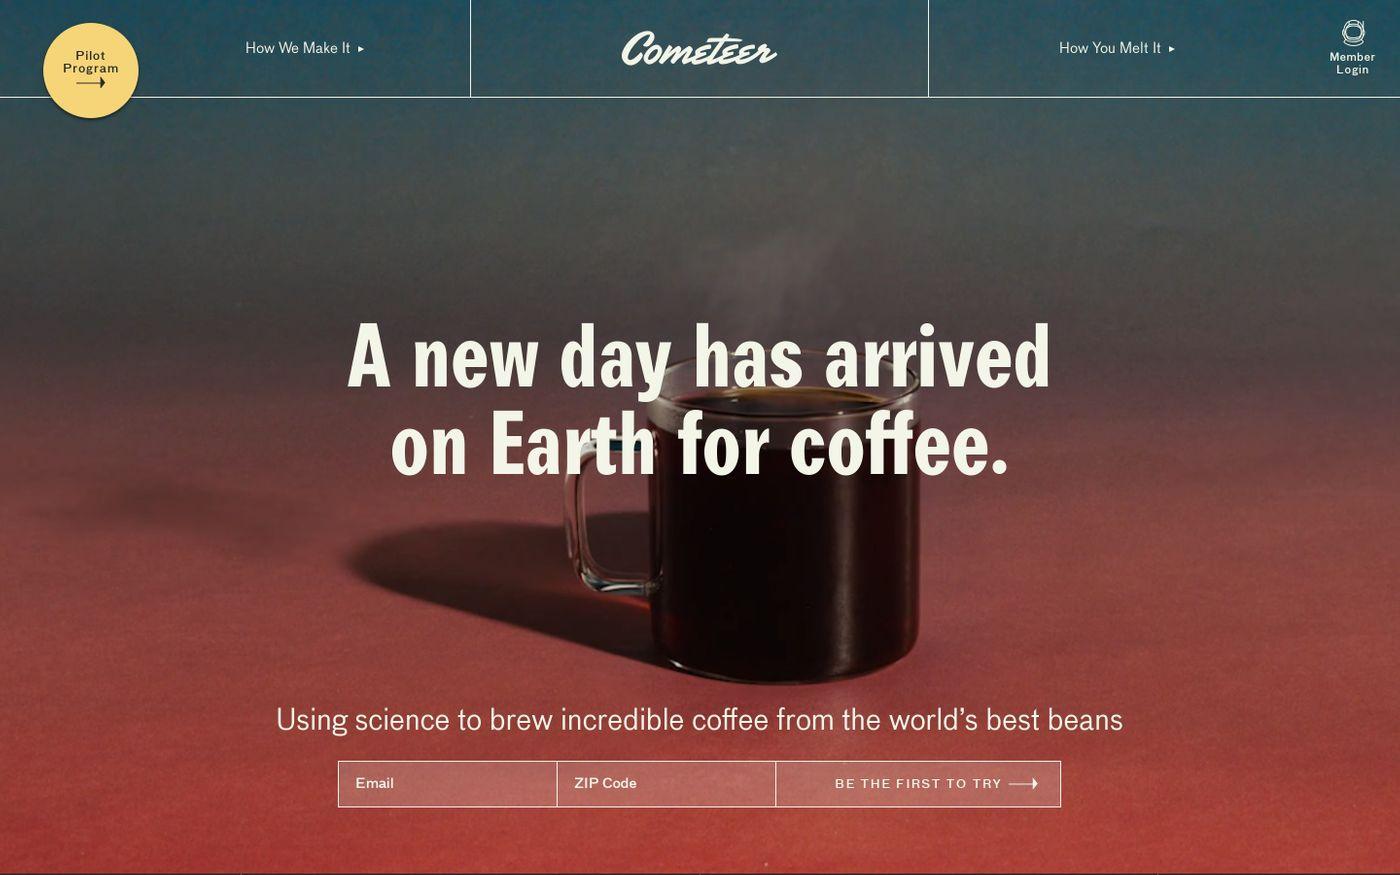 Screenshot of Cometeer website